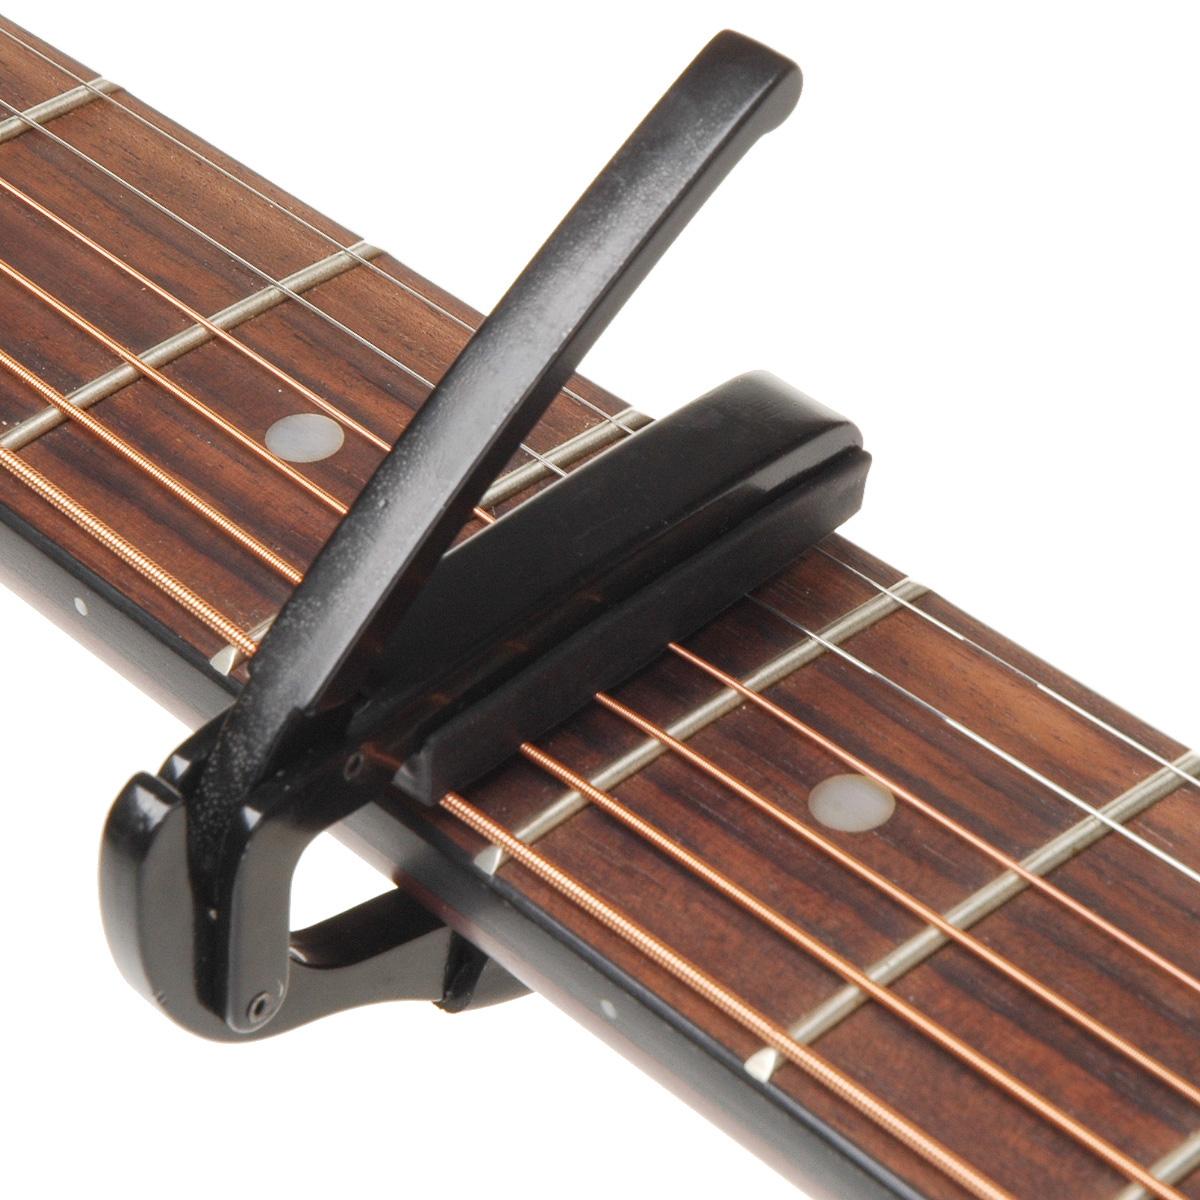 Capo - Wikipedia |Guitar Capo